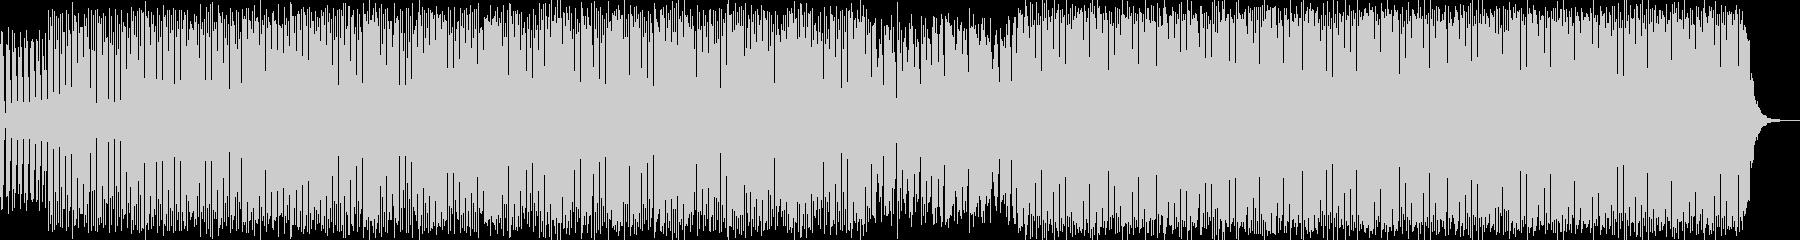 クールエレクトロニカハウスミュージックの未再生の波形